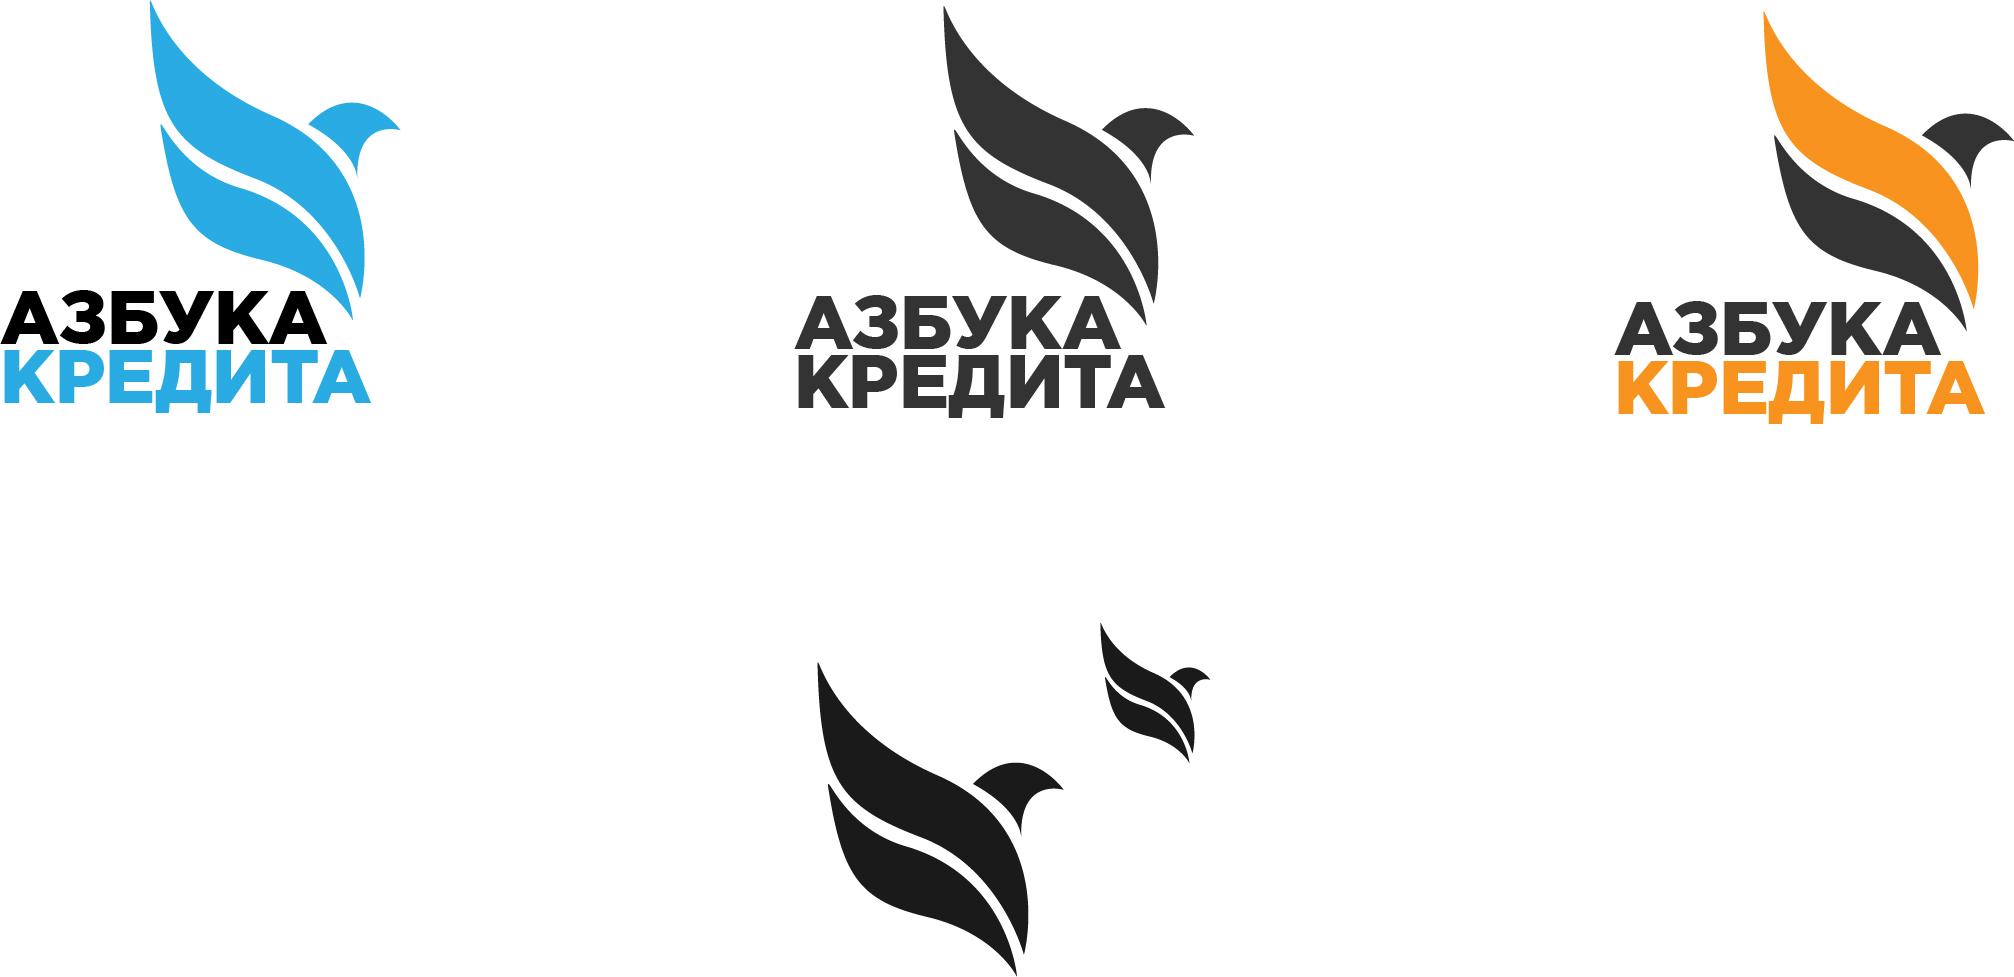 Разработать логотип для финансовой компании фото f_0285de8e9eba0d4c.jpg